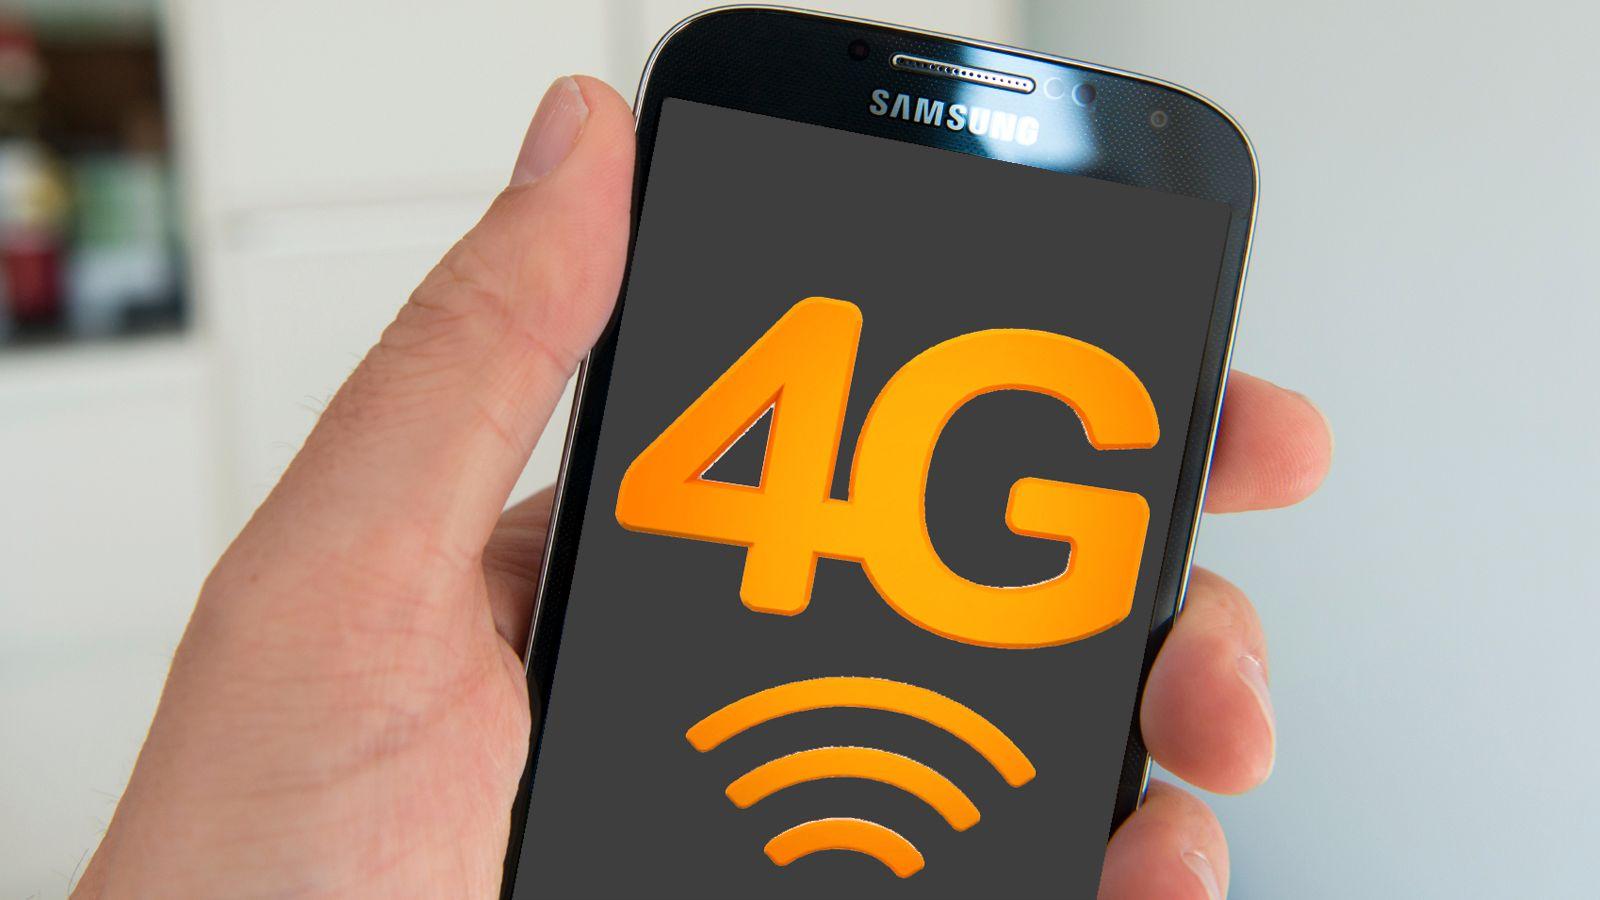 Får du fortsatt 4G når du bytter operatør? Det kan være verdt å sjekke opp før du bytter.